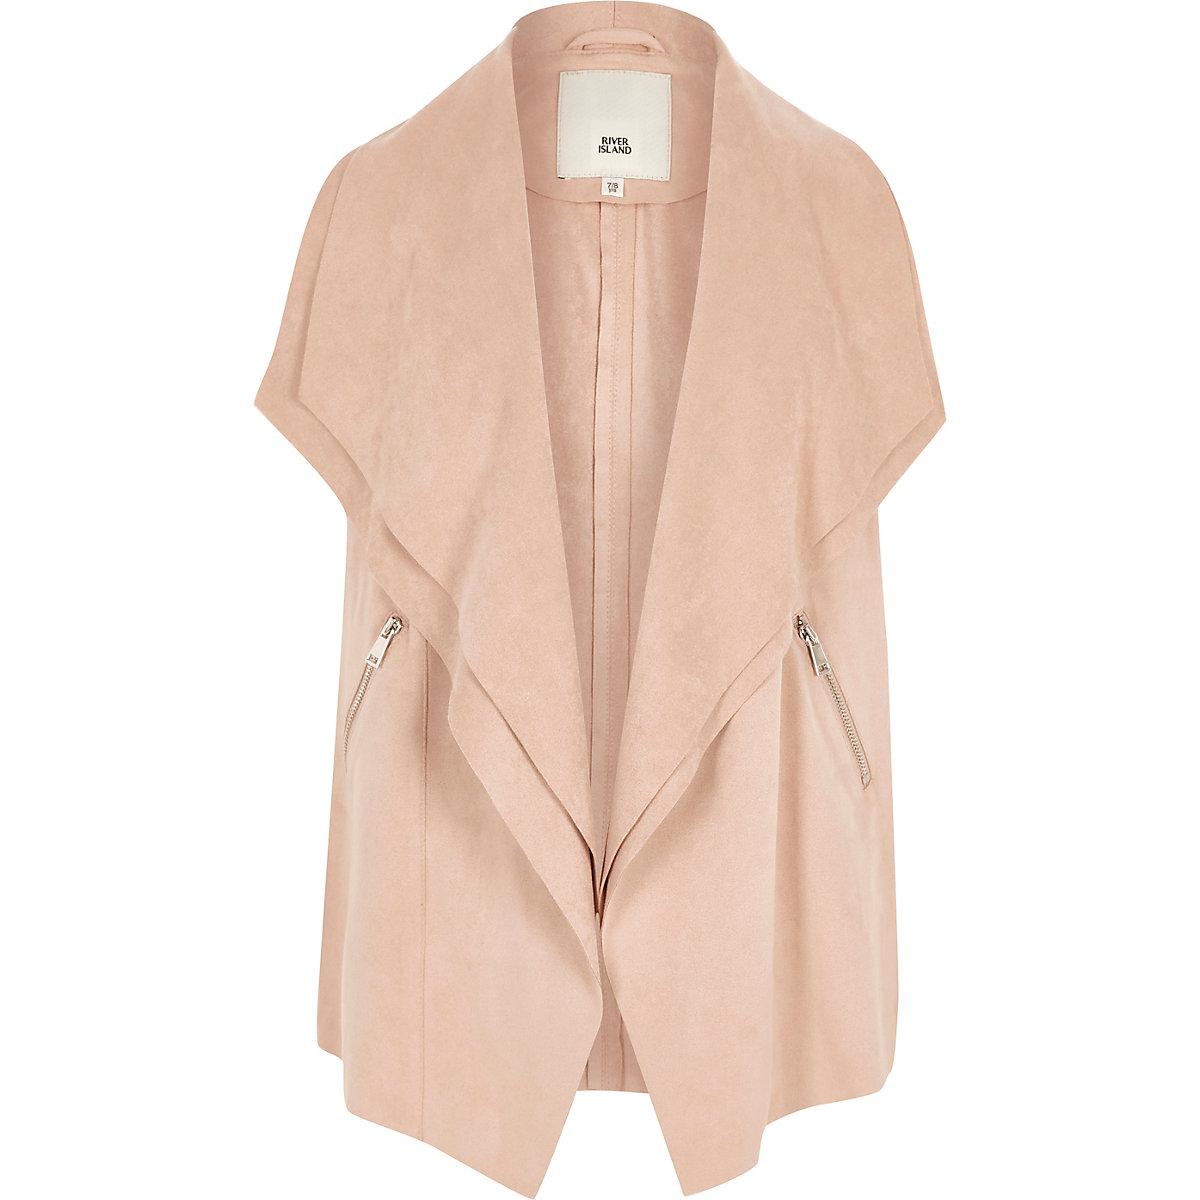 Girls cream sleeveless waterfall jacket